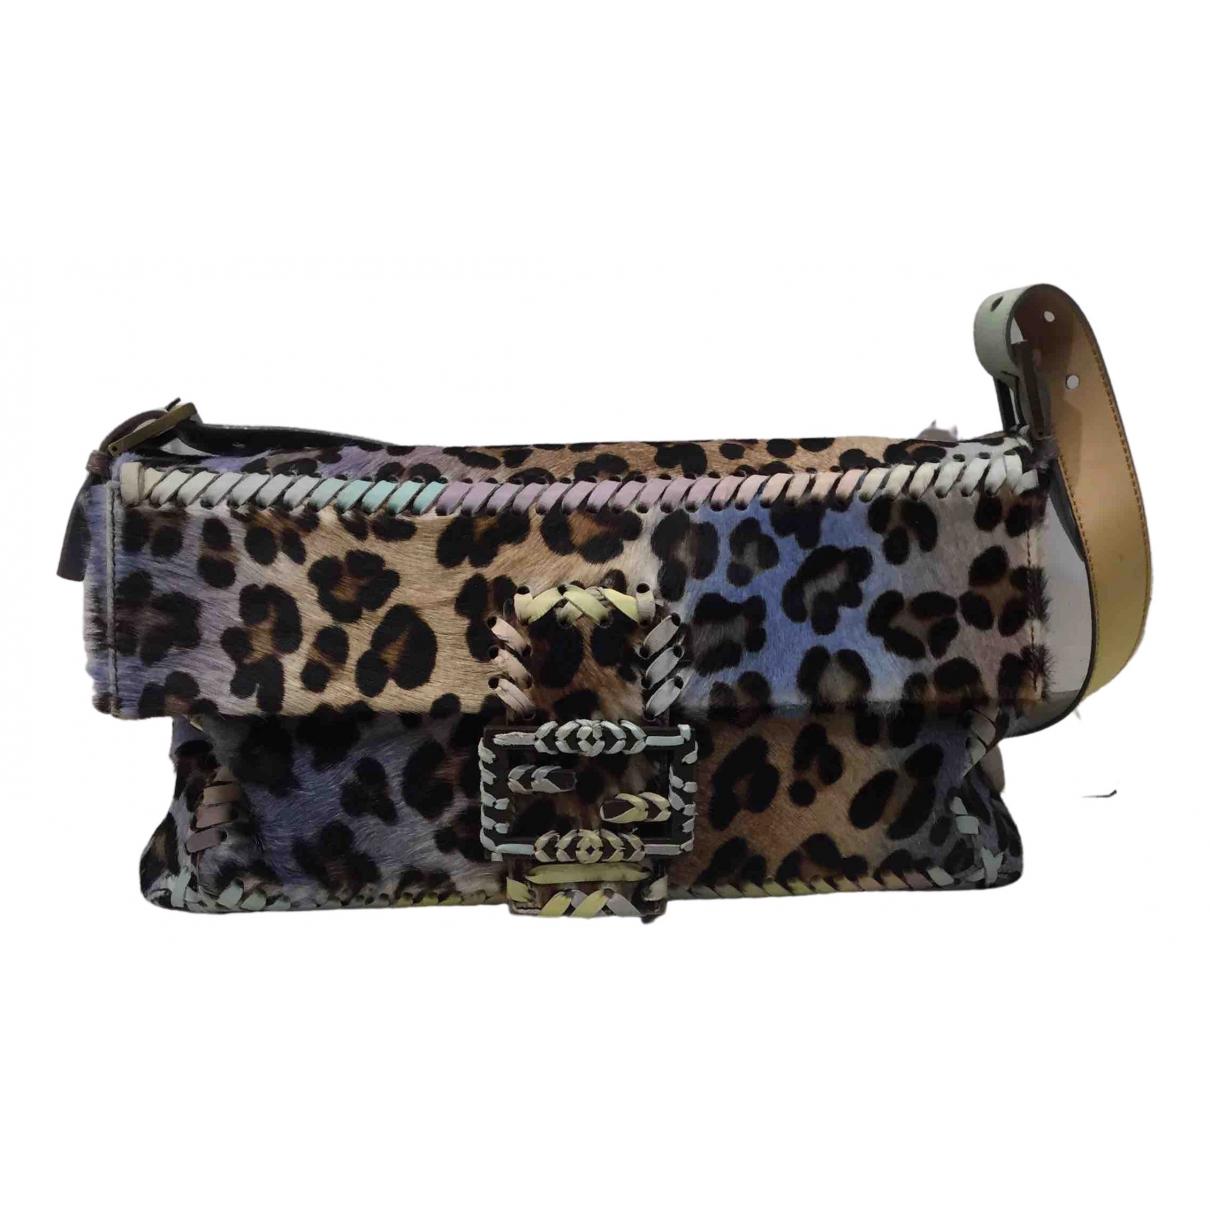 Fendi N Multicolour Pony-style calfskin handbag for Women N